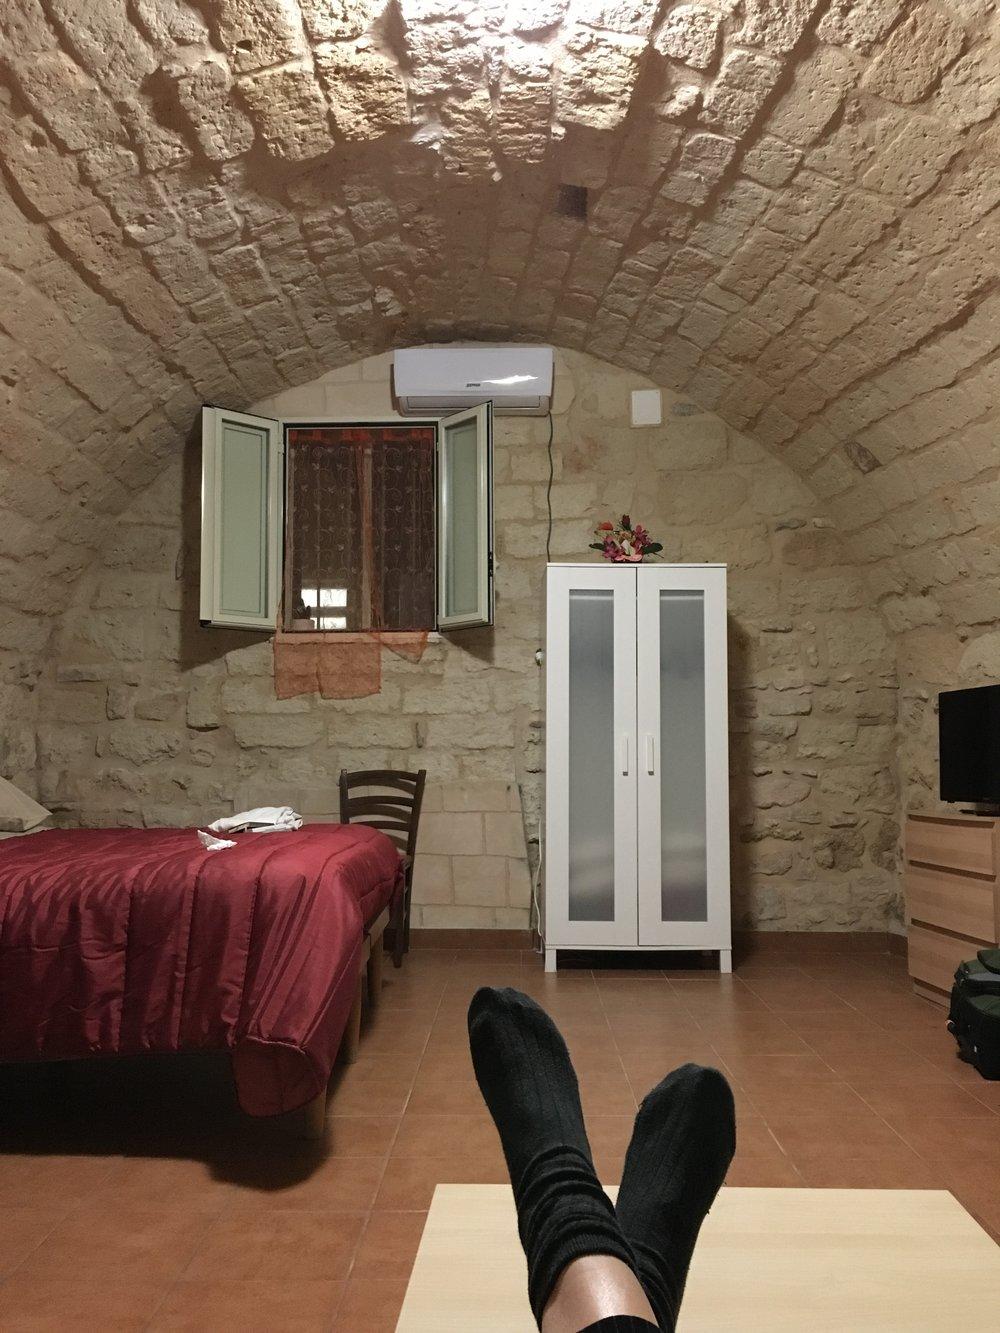 My AirBnb Room: Half-underground hobbit hole